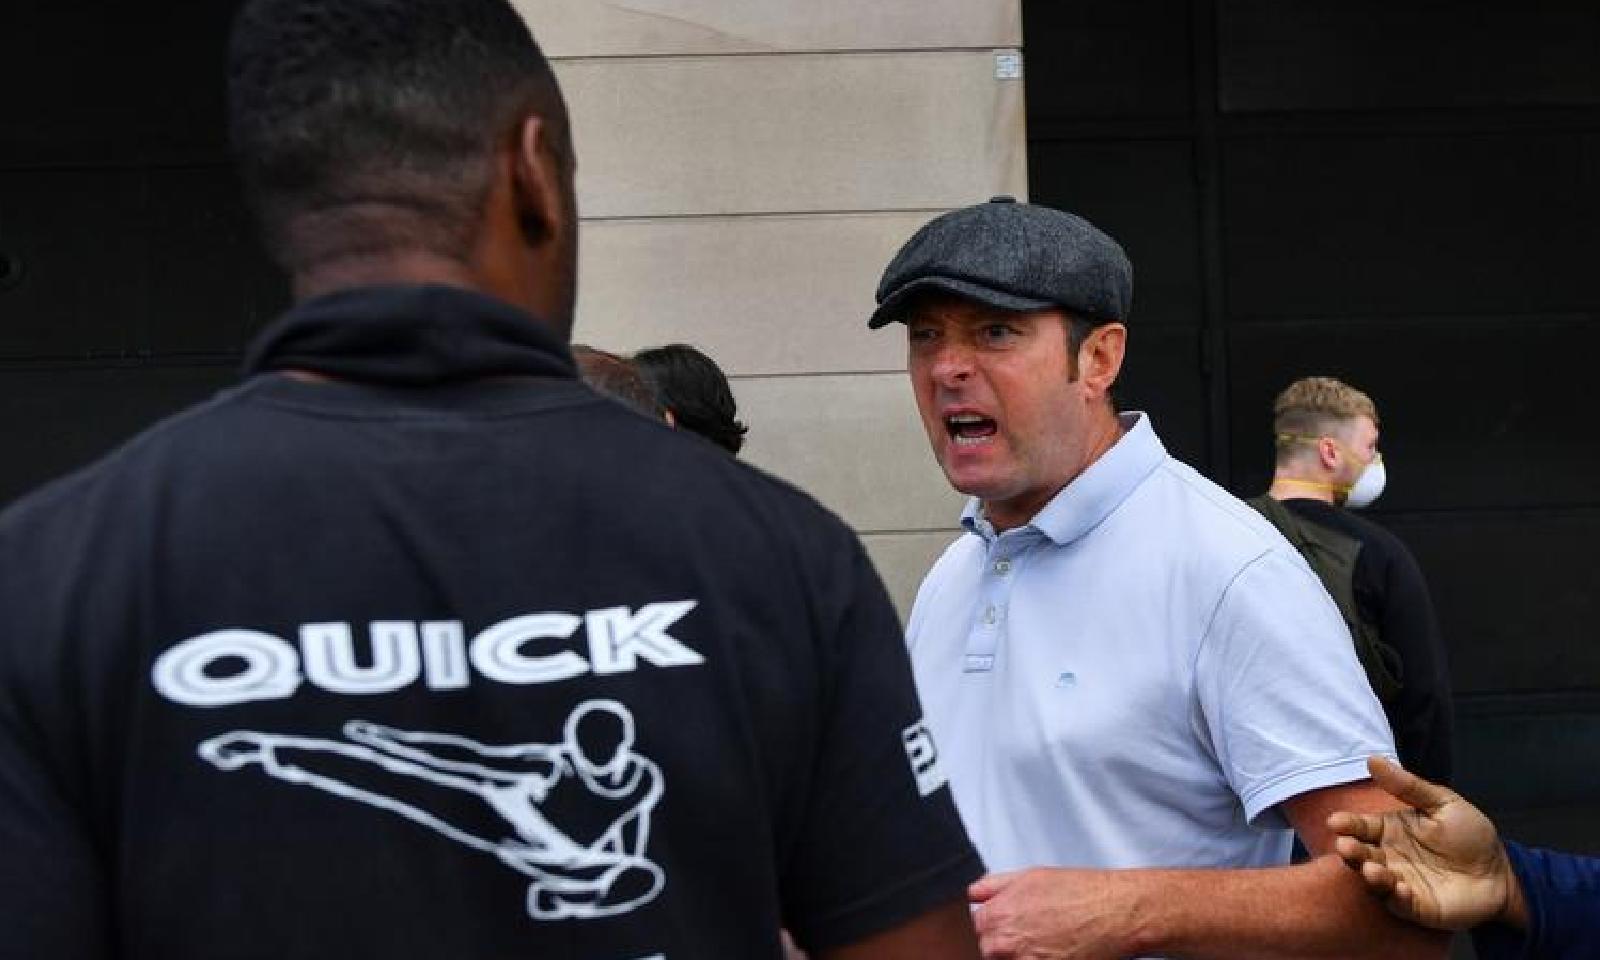 لندن میں دائیں بازو کے سخت گیر نظریات کے حامل افراد نے نسل پرستانہ نعرے لگائے—فوٹو:رائٹرز